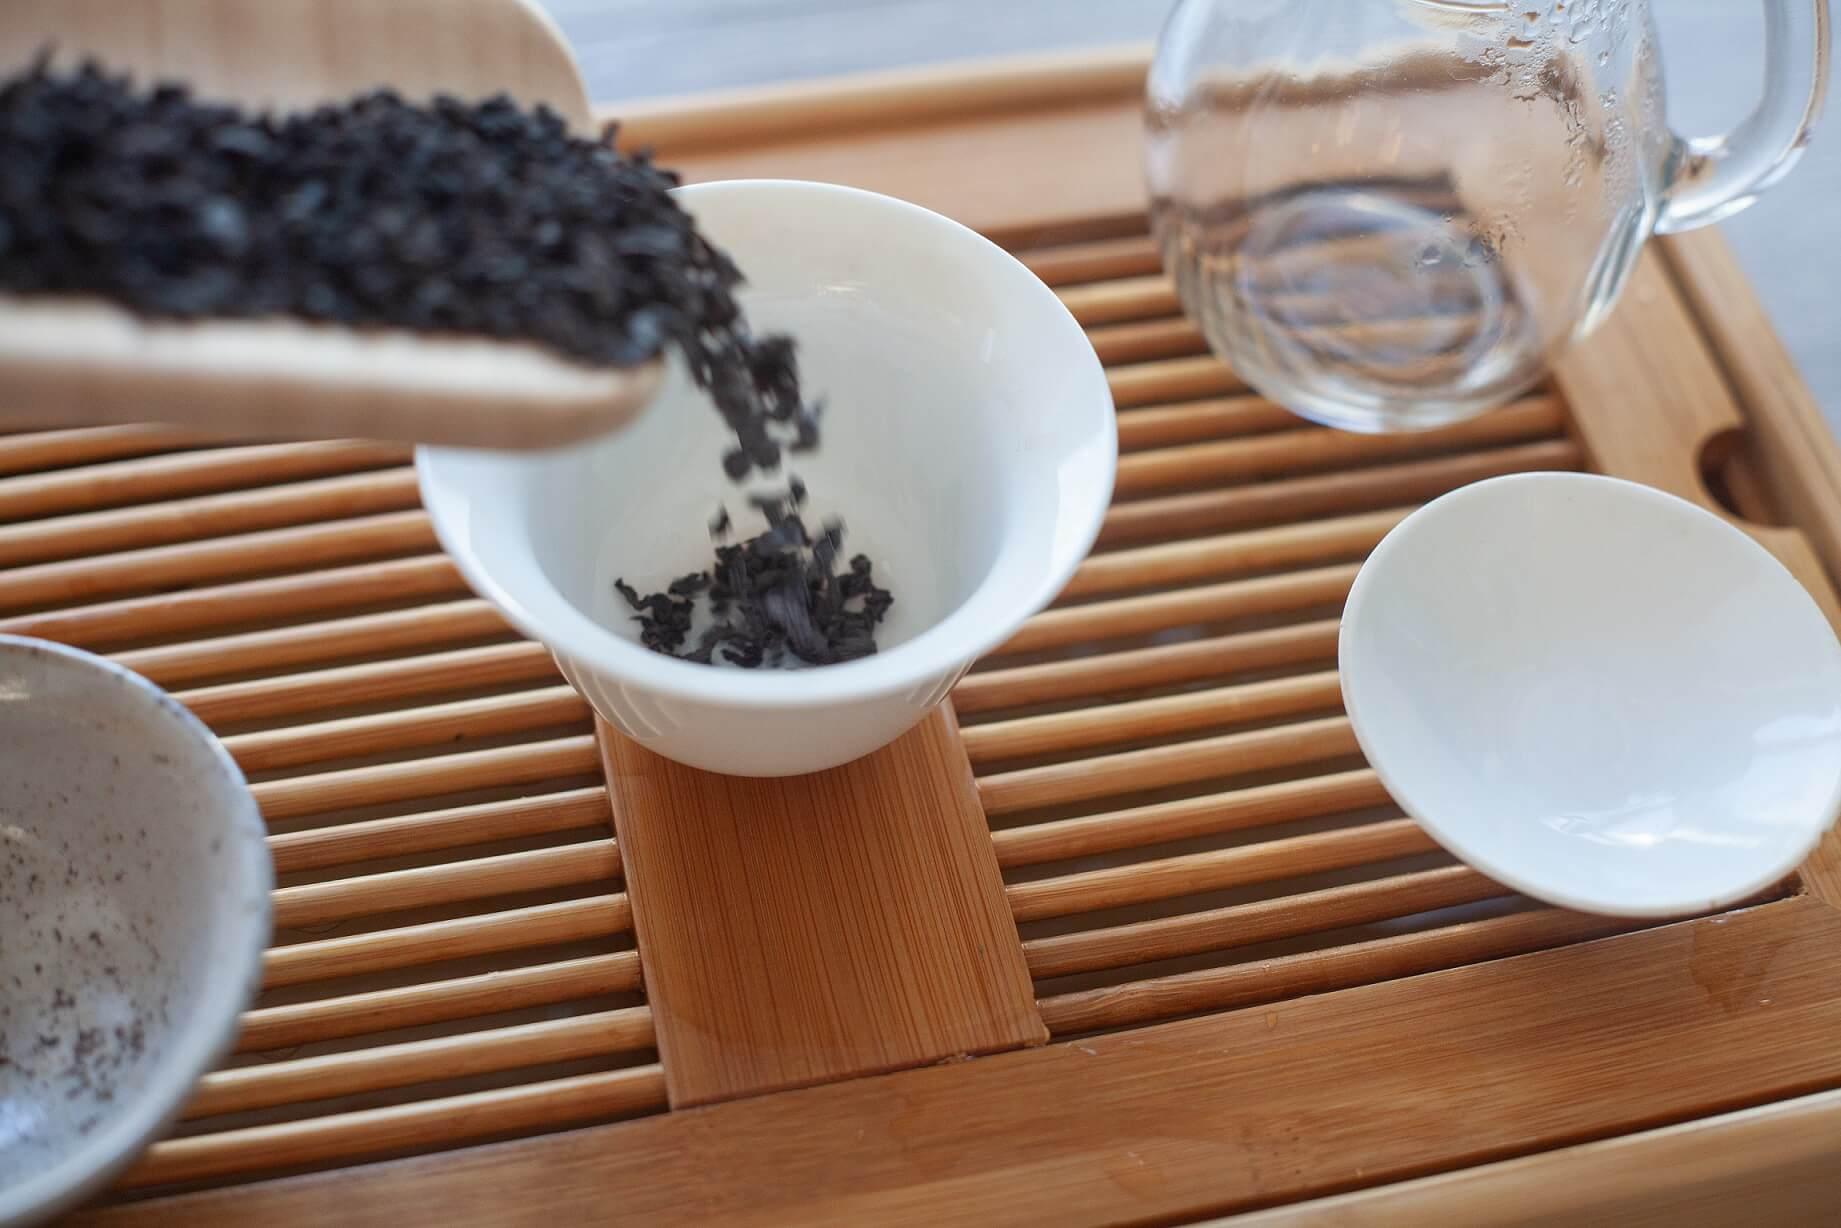 Naczynia do parzenia herbaty umieszczone na podstawce chapan, w tym gaiwan, do którego wsypywana jest z góry herbata czerwona.